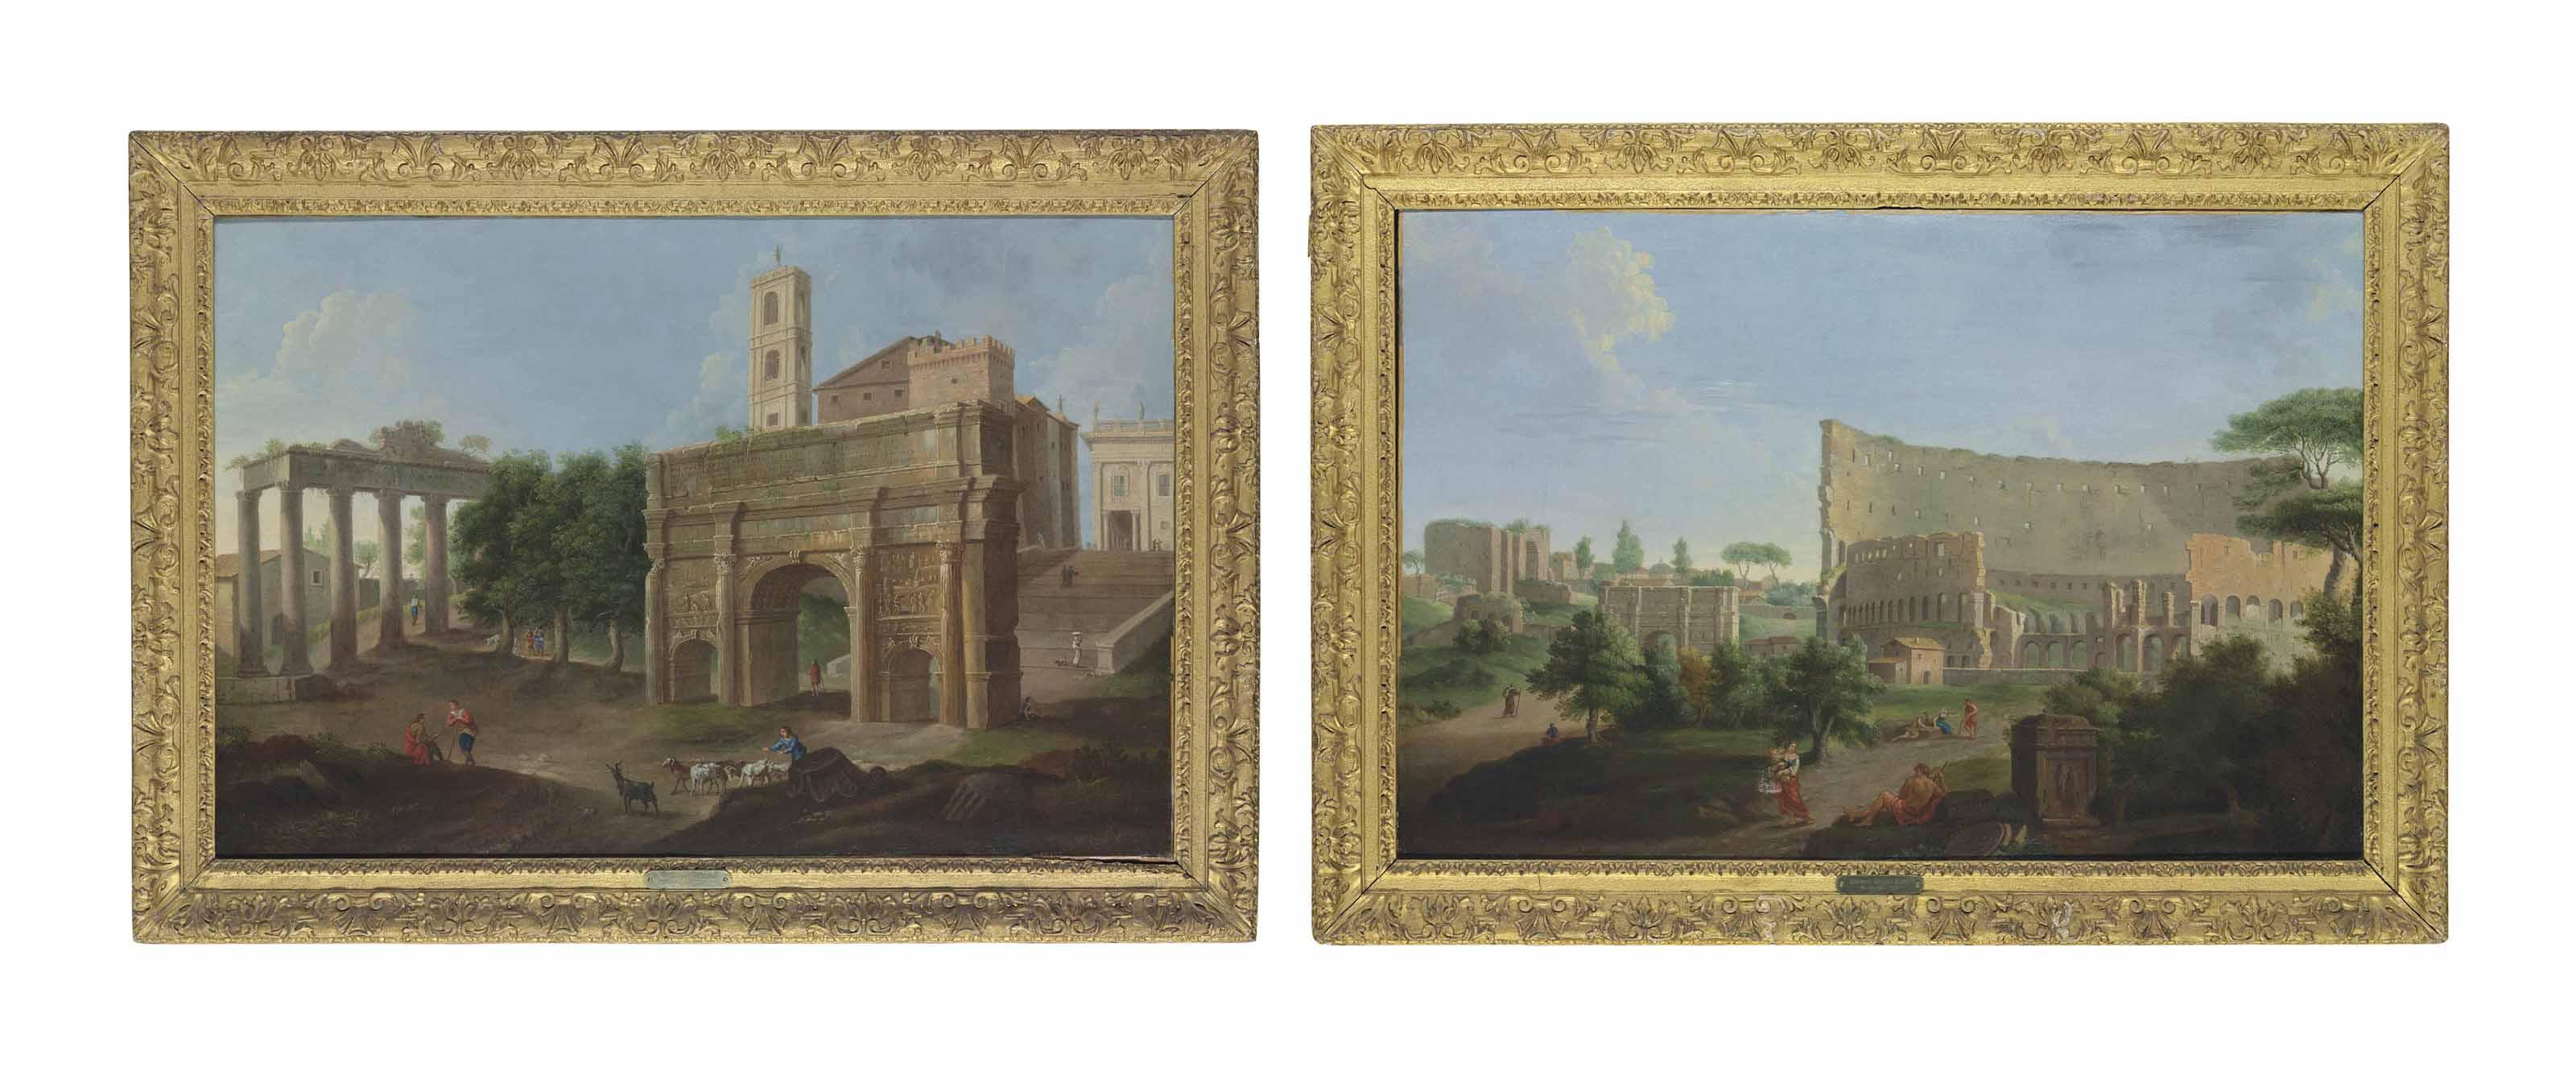 A Roman capriccio with the Colosseum and the Arch of Constantine; and A Roman capriccio with the Campo Vaccino, the Arch of Septimus Serverus, the Temple of Saturn and the Palazzo dei Senatori